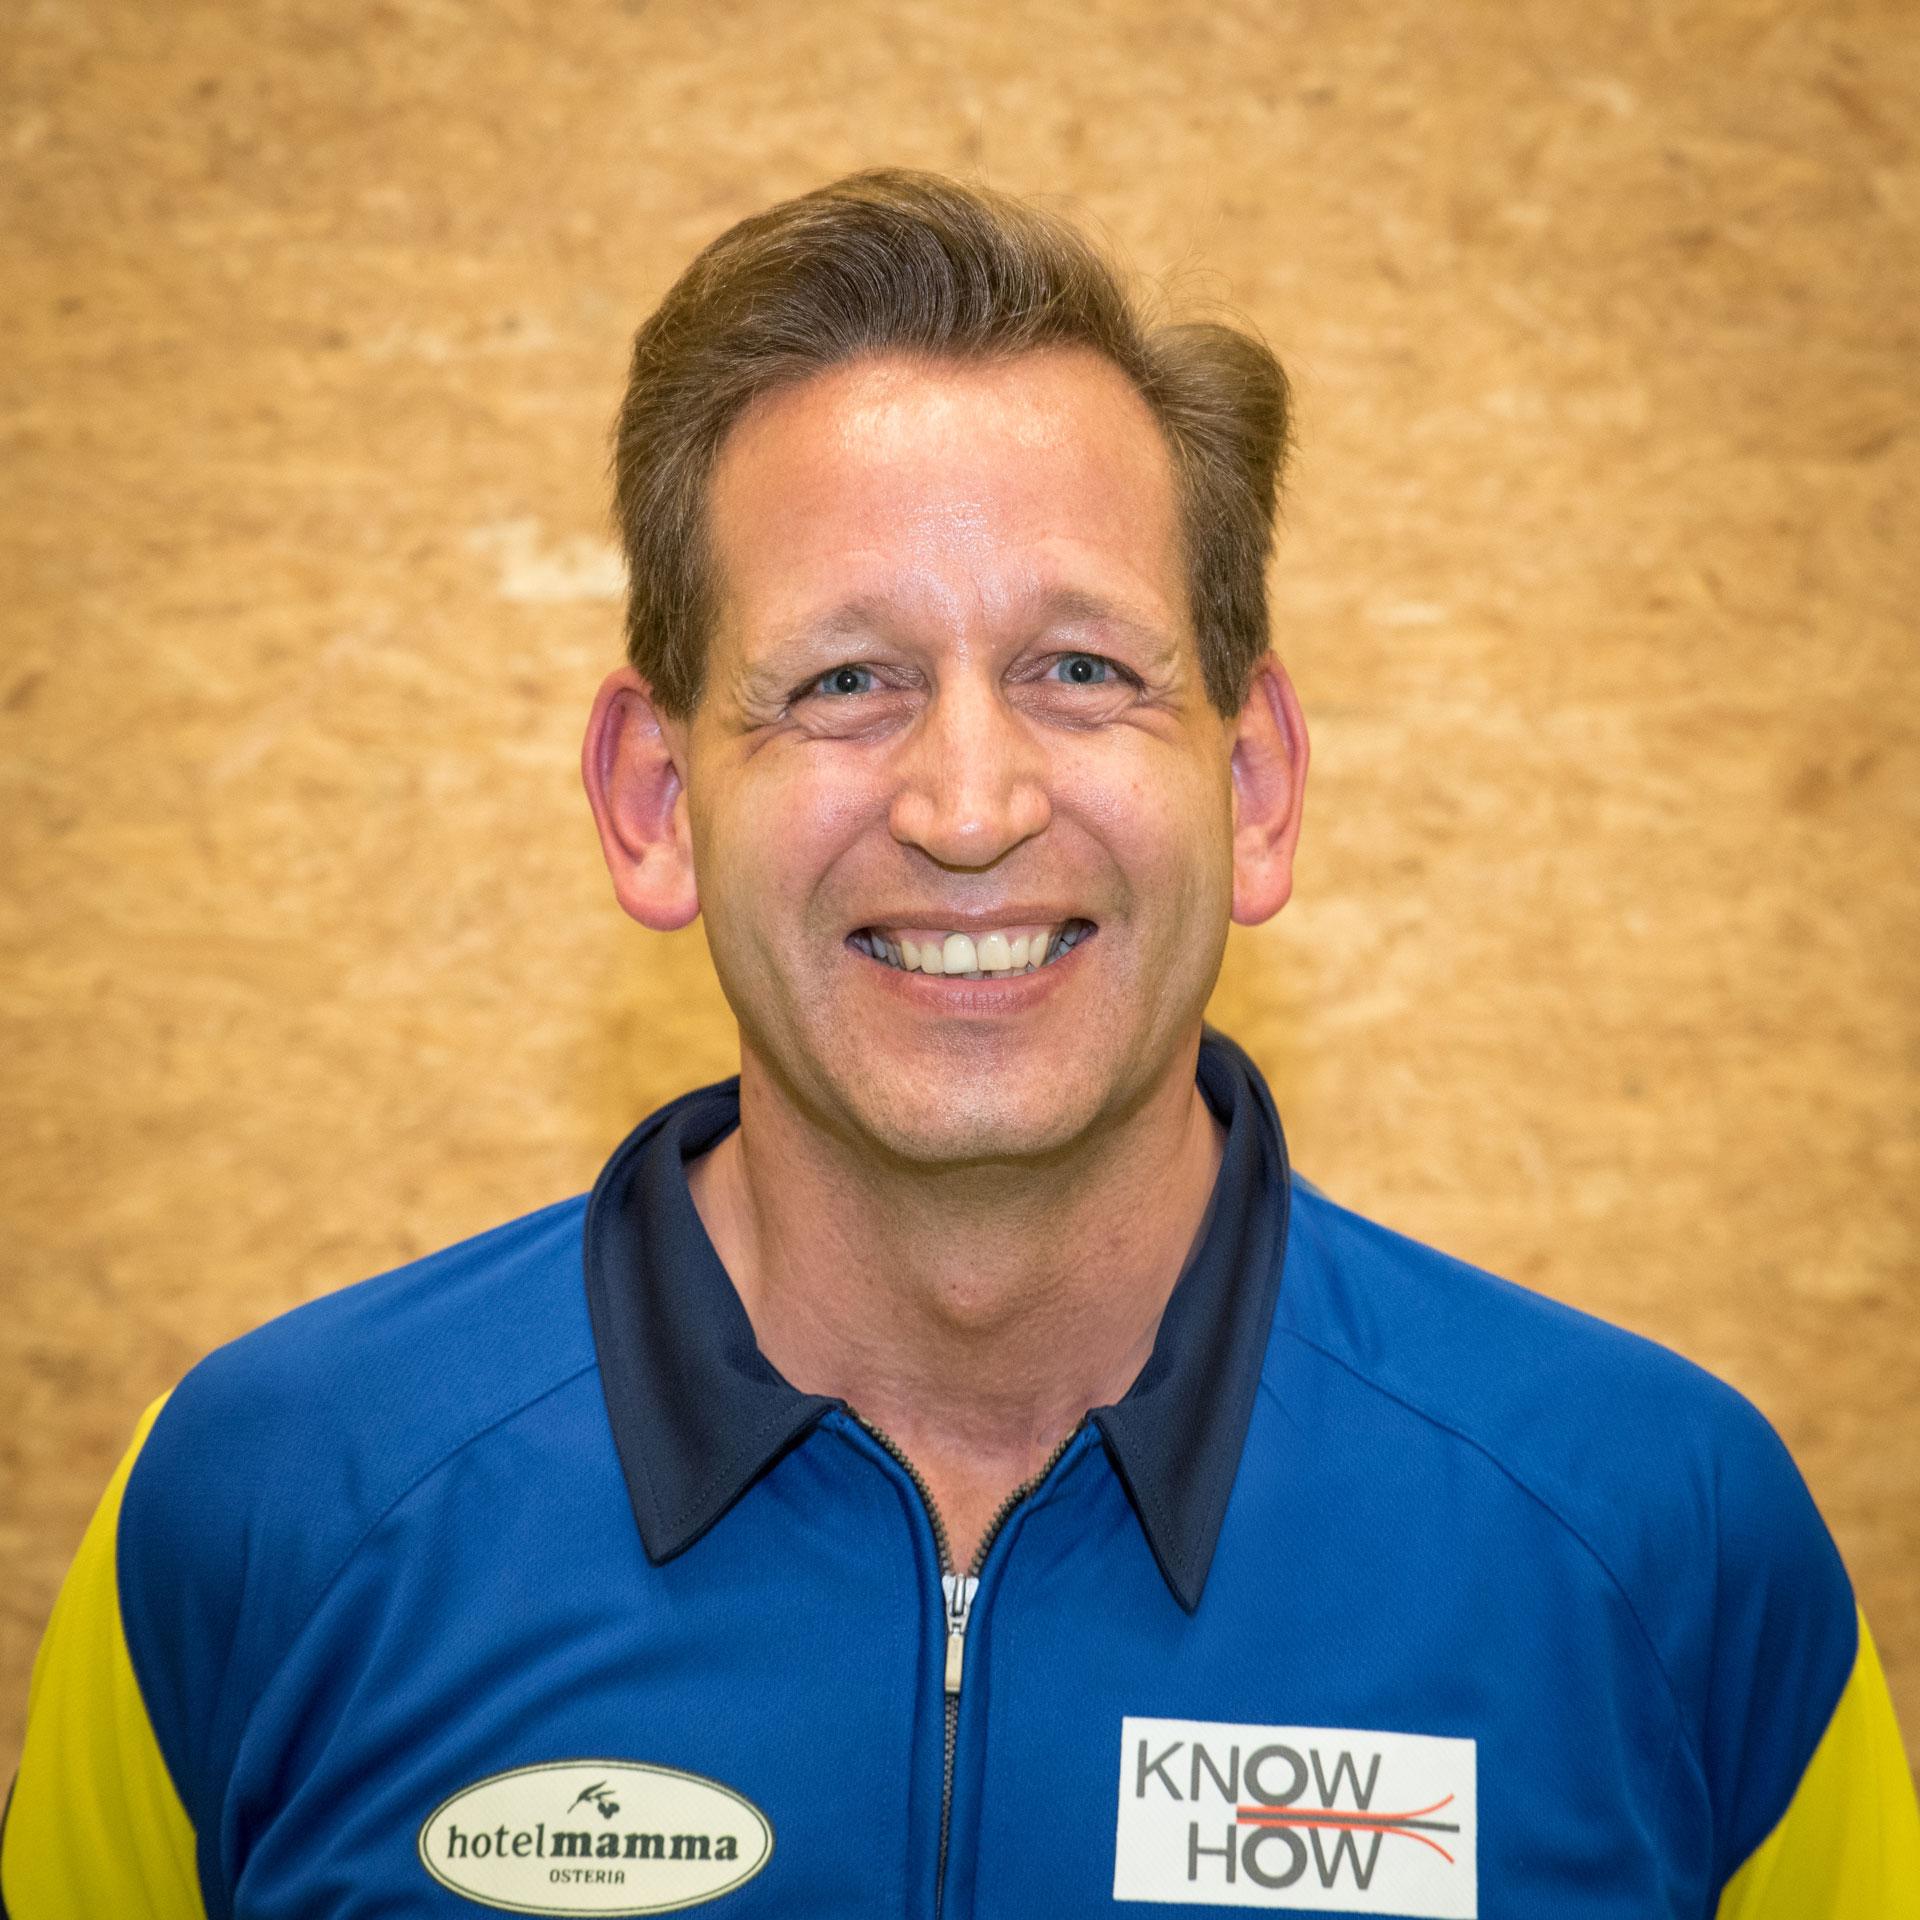 Markus Korner